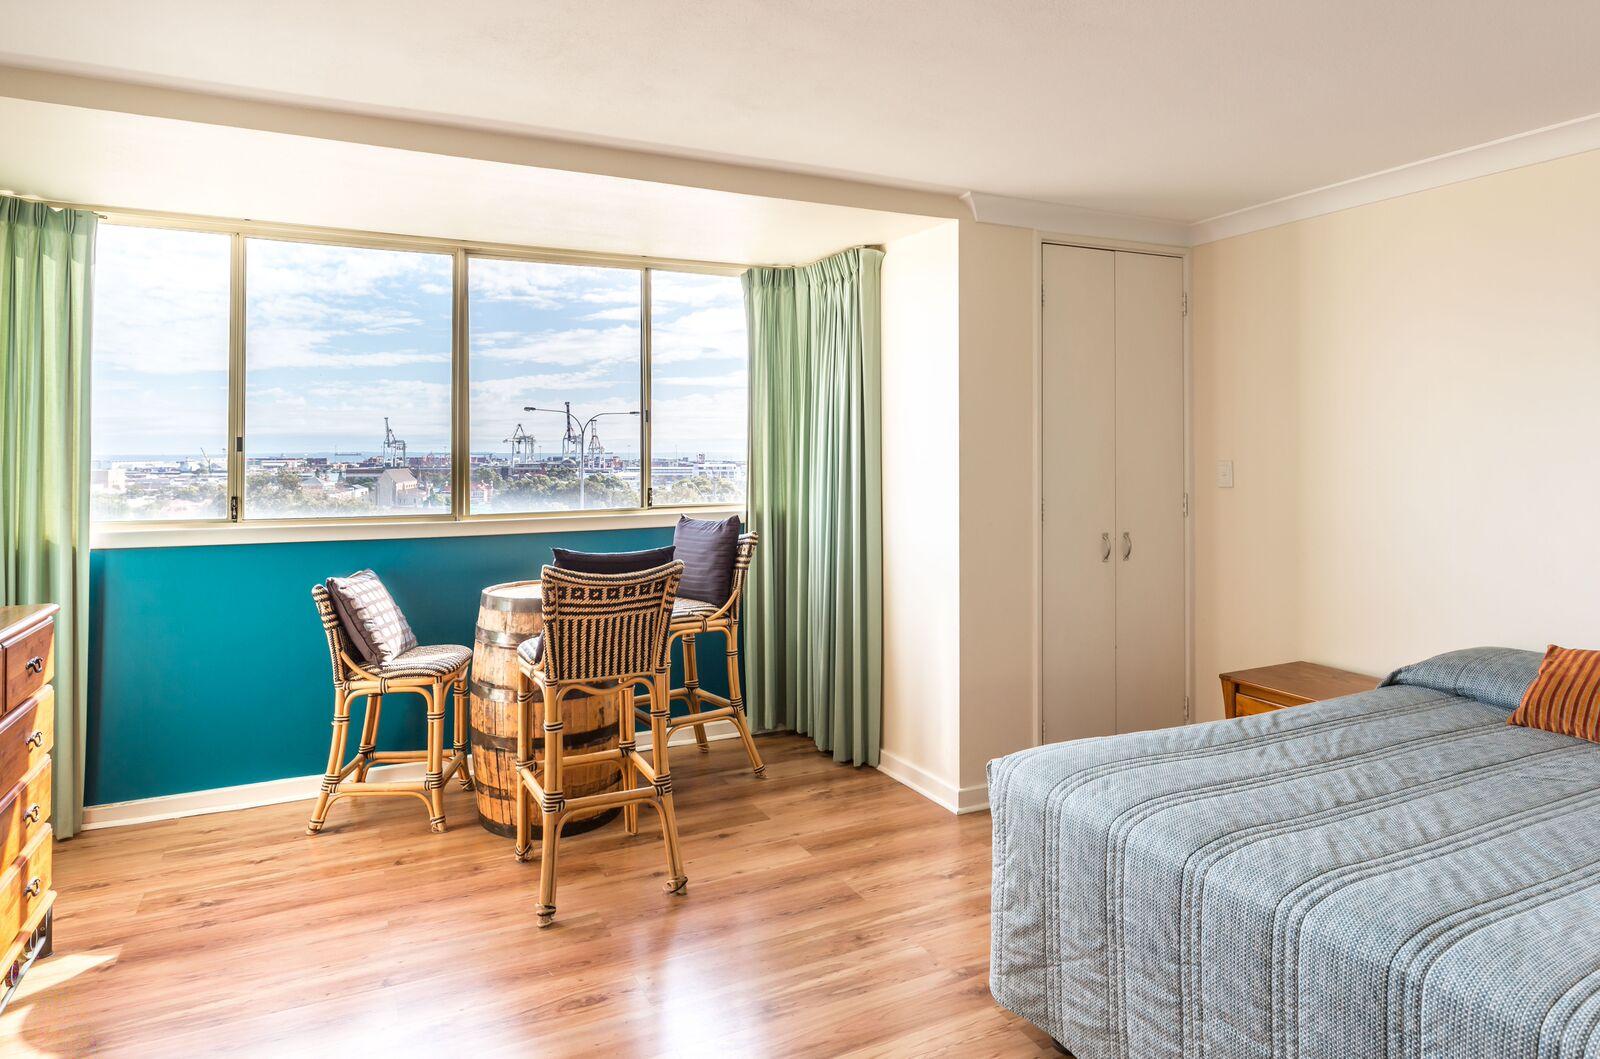 Bedroom view of ocean